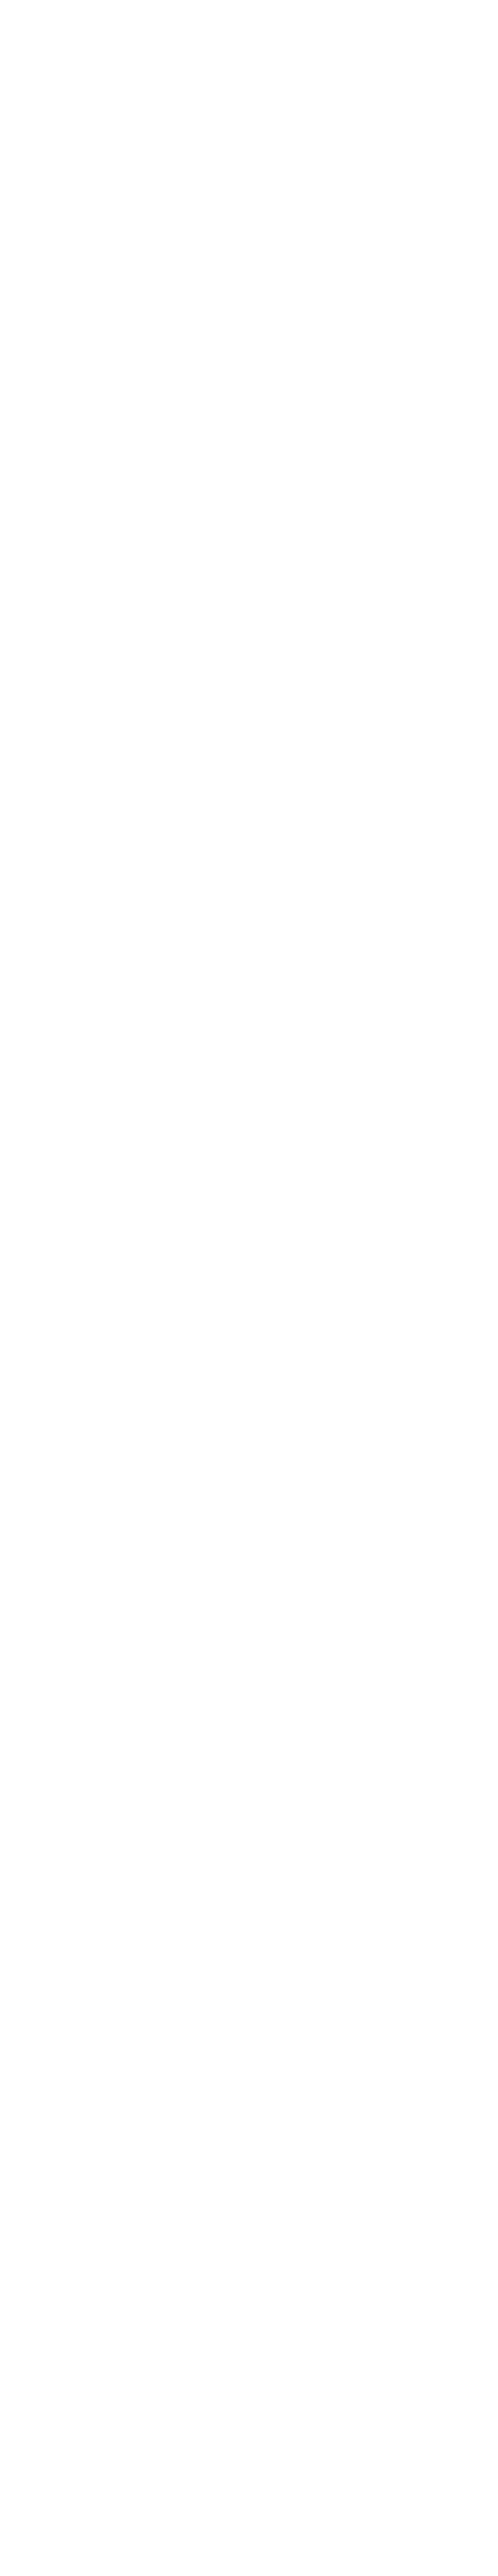 マキタ 40Vmax充電式ラジオMR002G